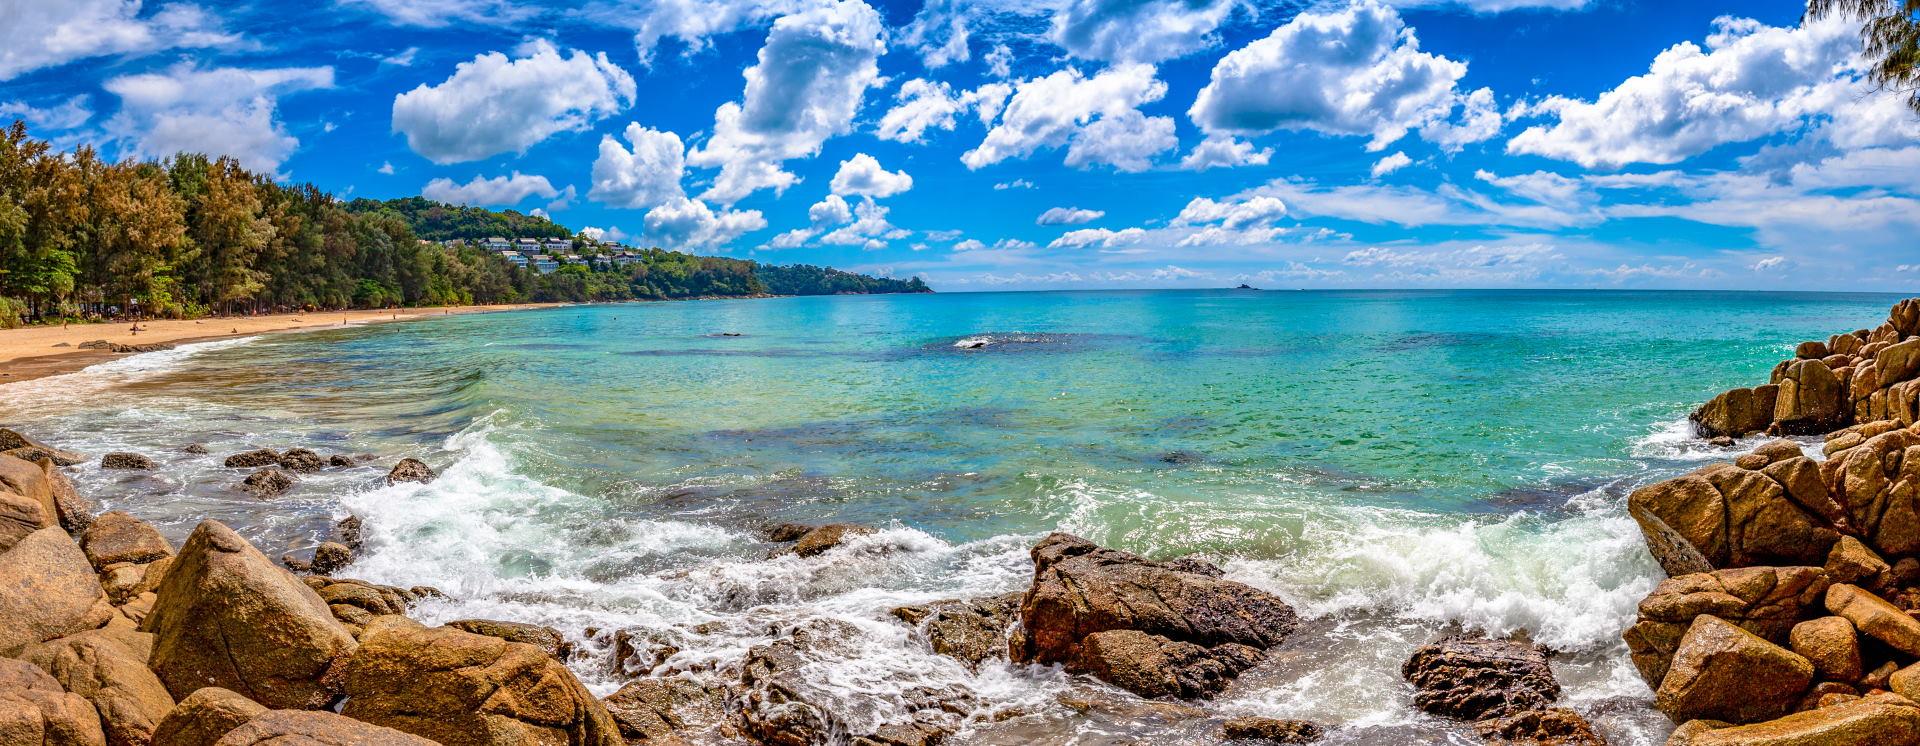 ThanyapuraResort Beach